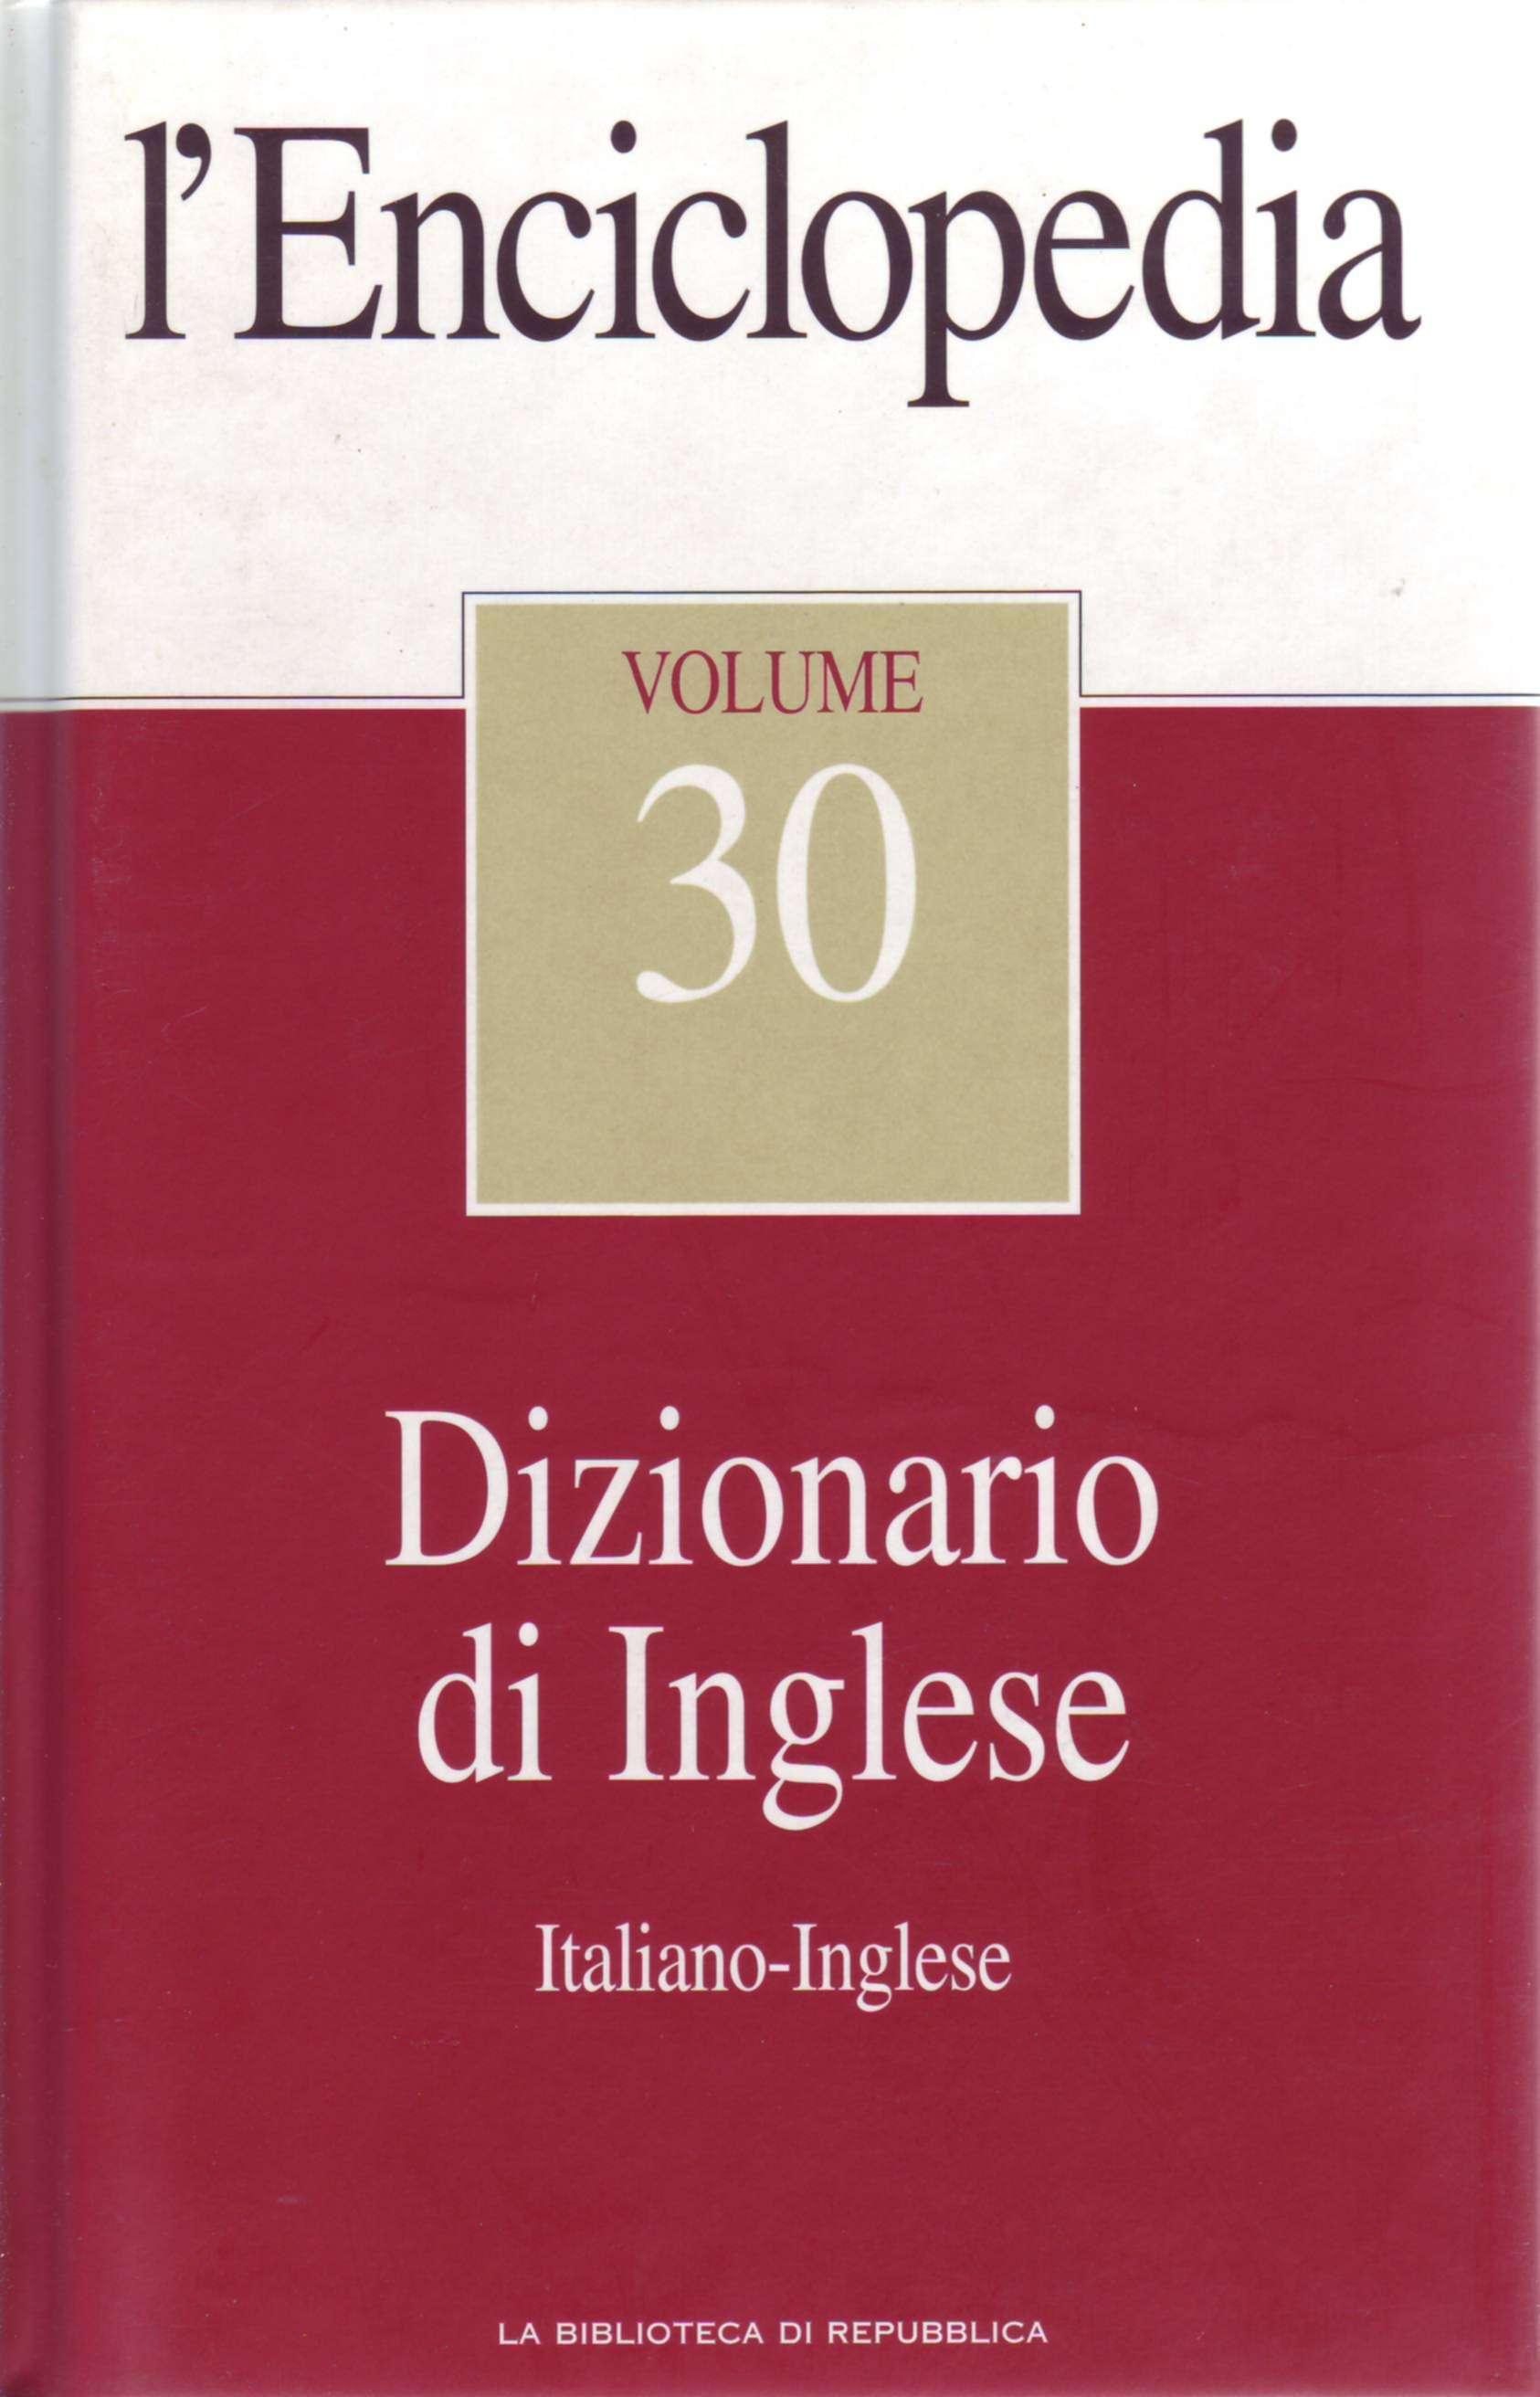 L'Enciclopedia - Vol. 30 - Dizionario di Inglese 2